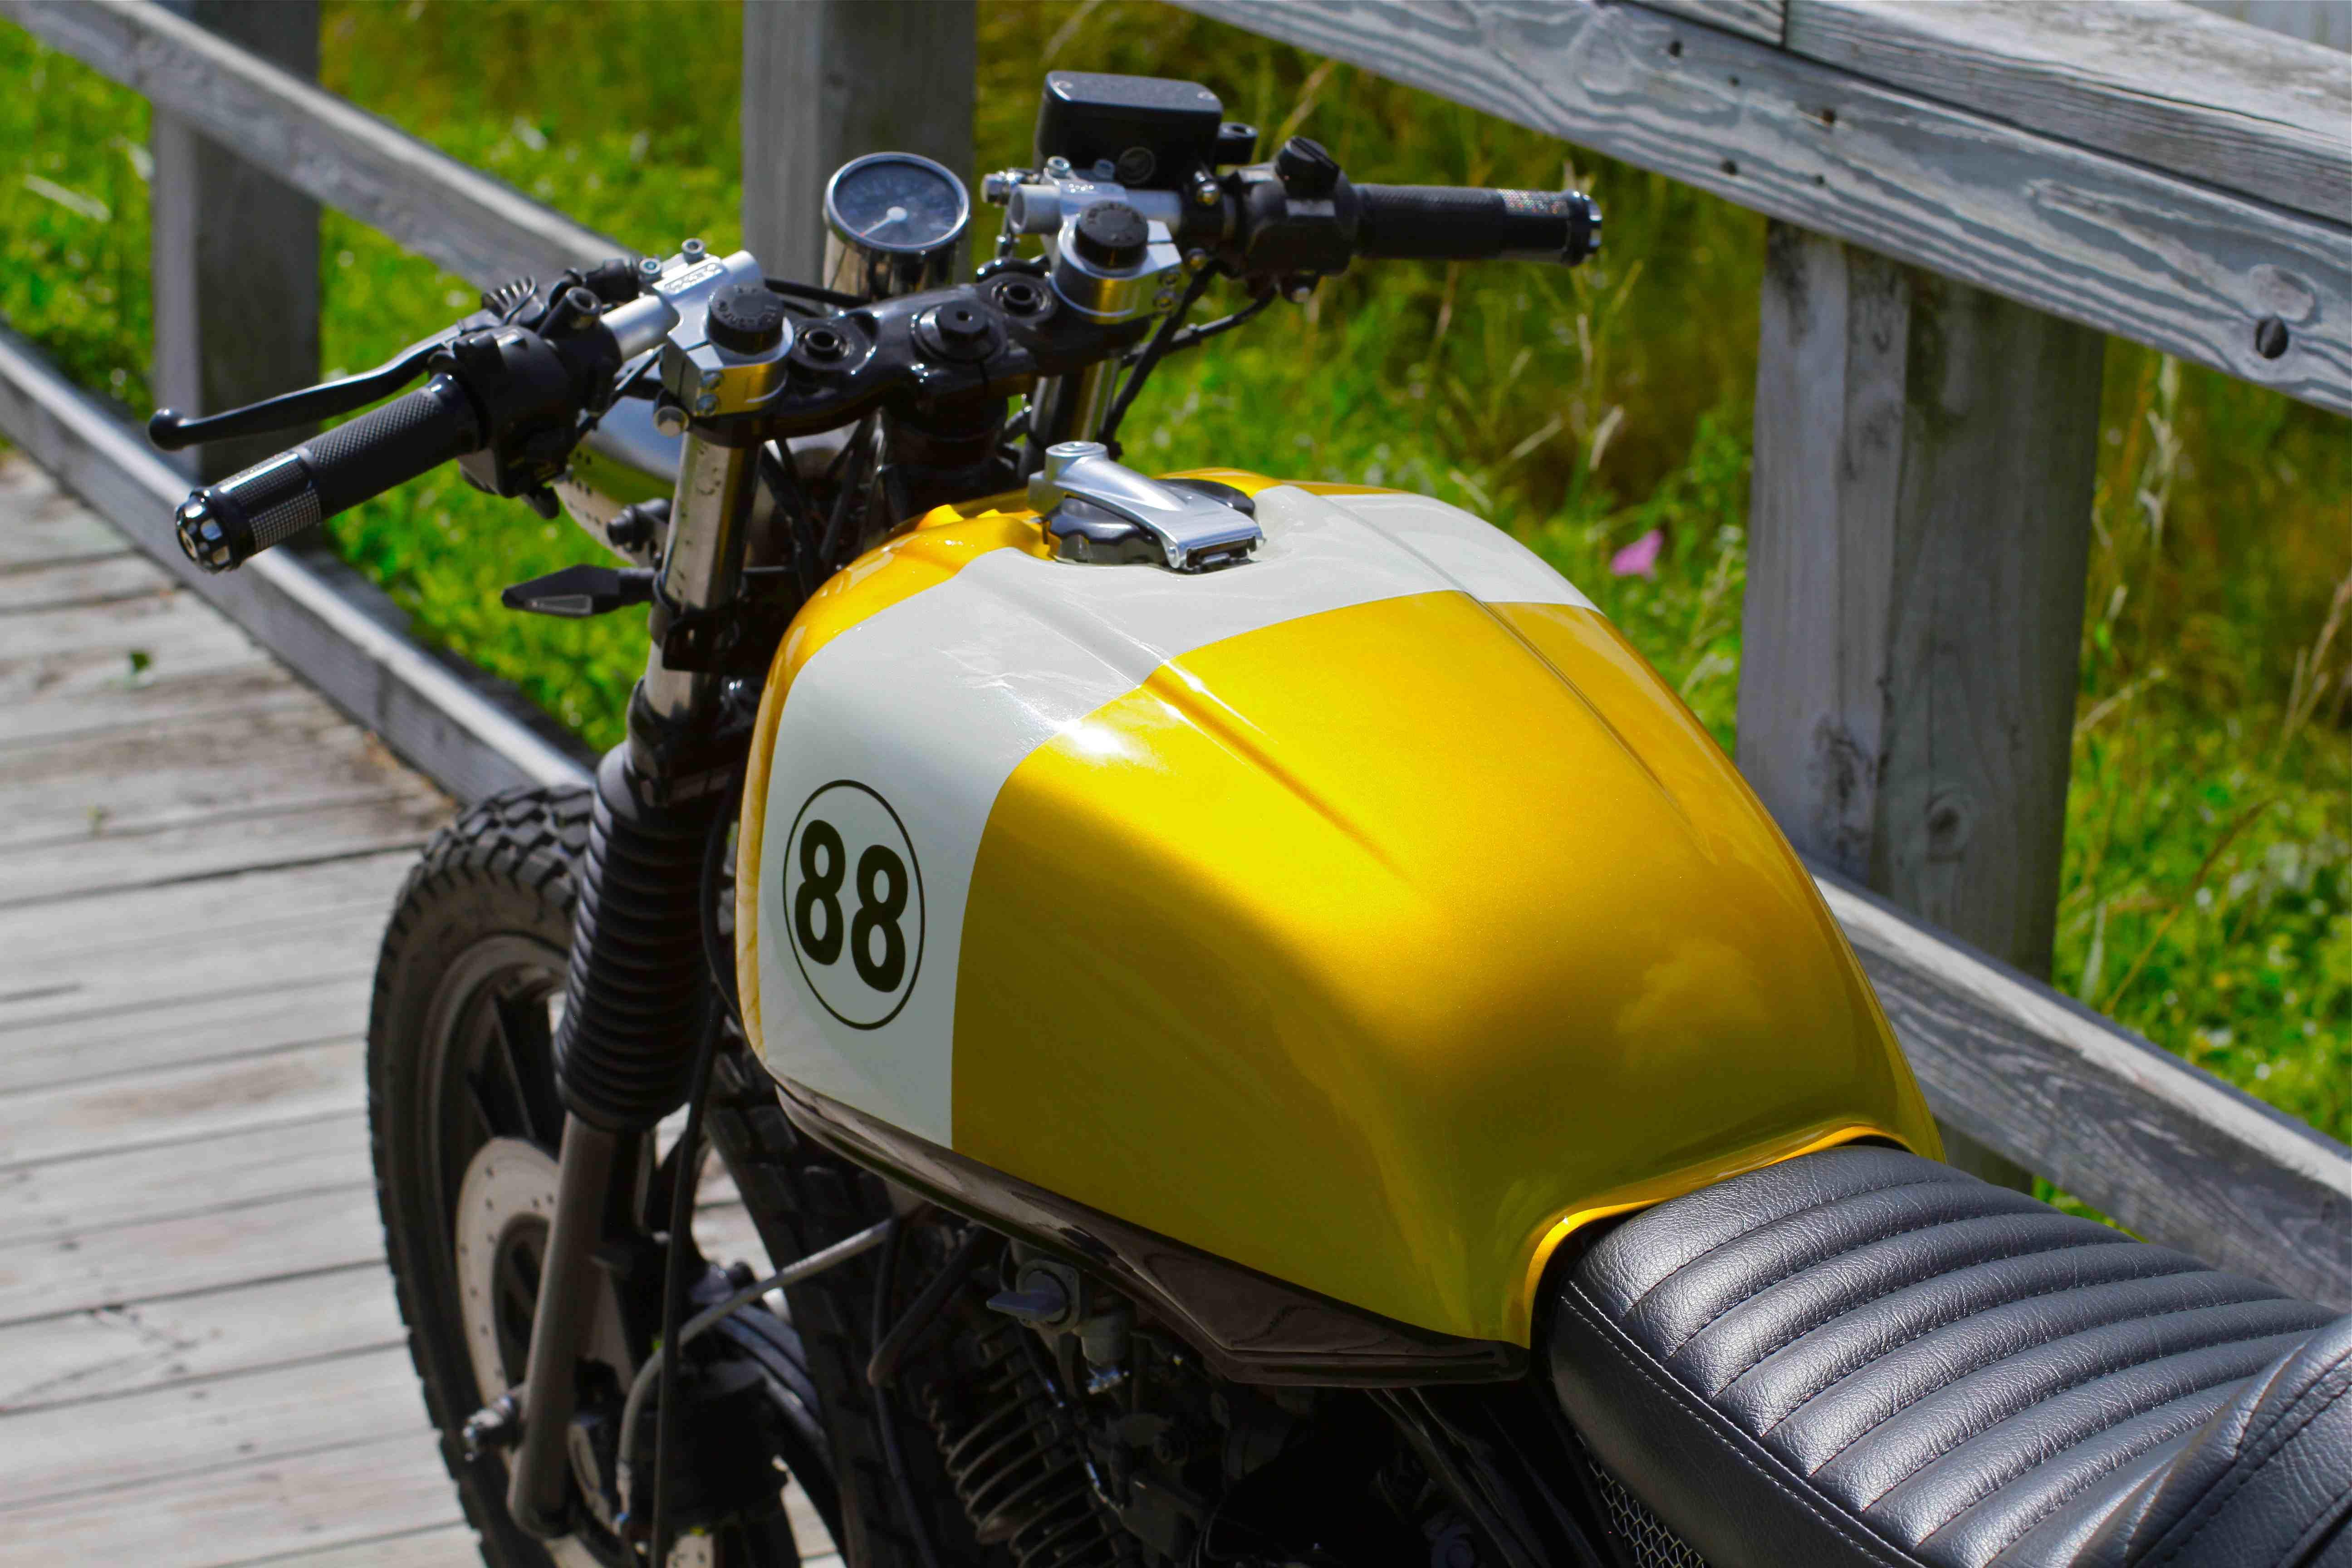 Yamaha XV750 Tracker